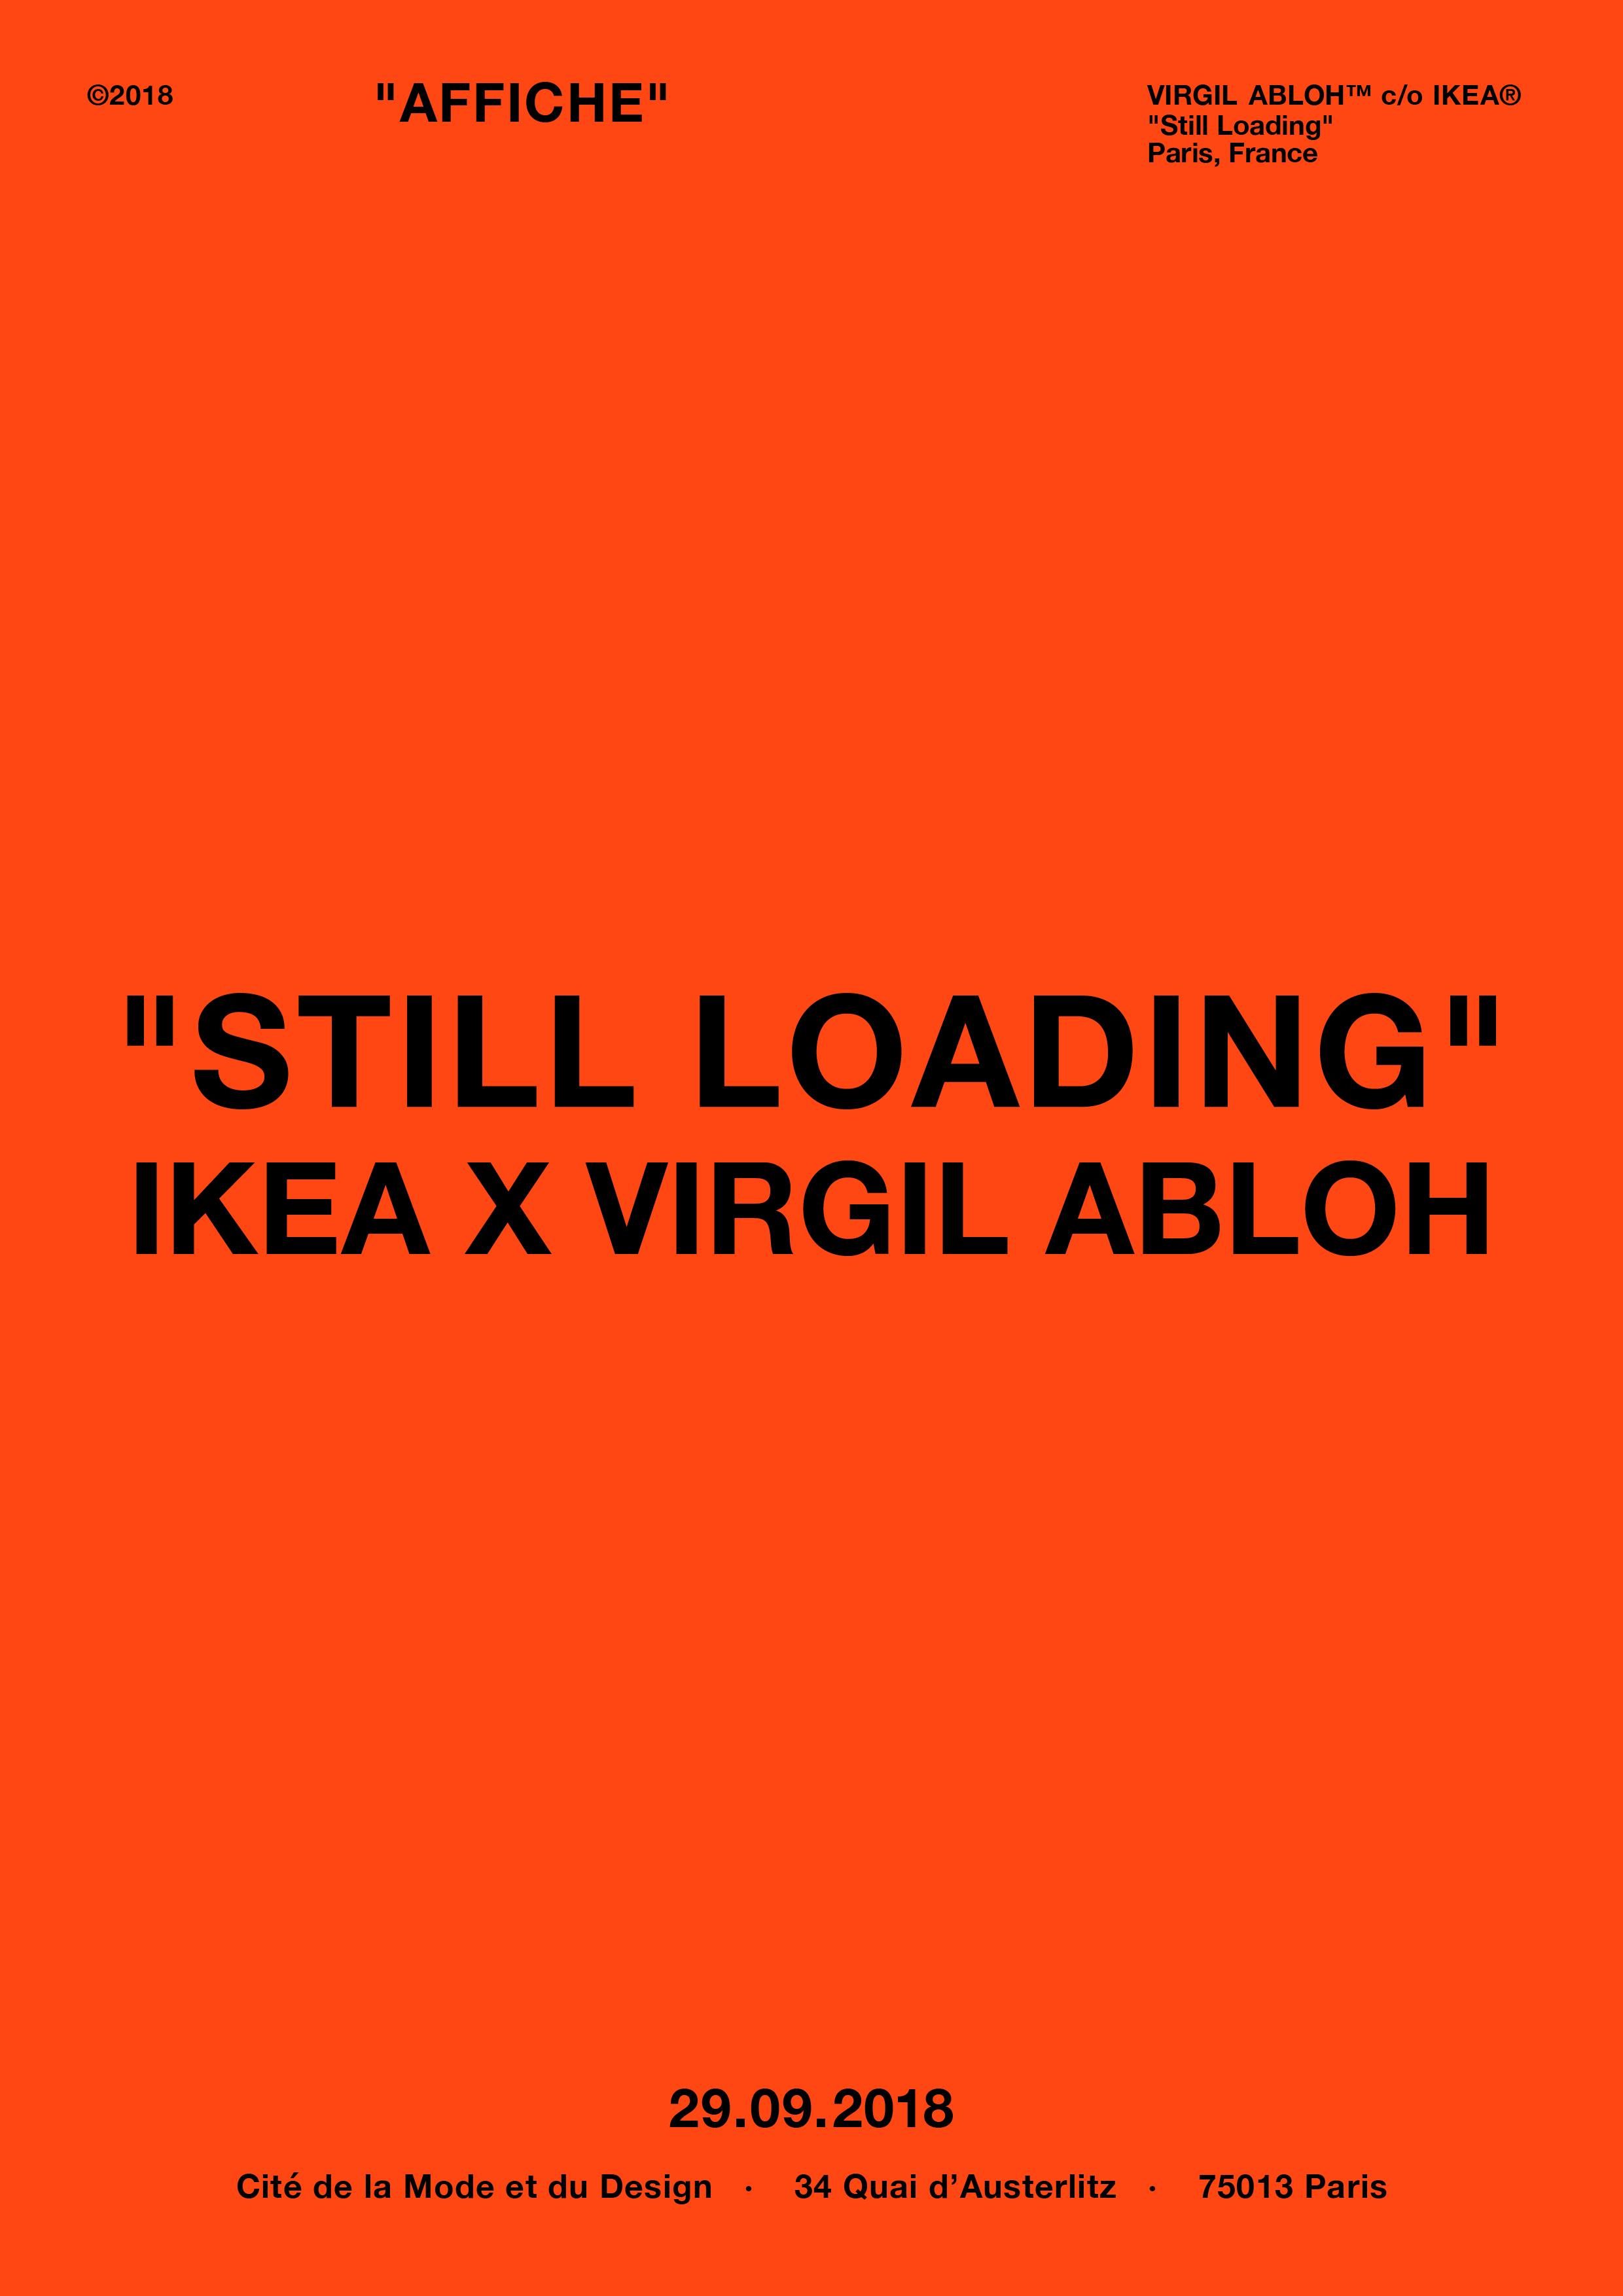 Affiche Ikea x Virgil Abloh